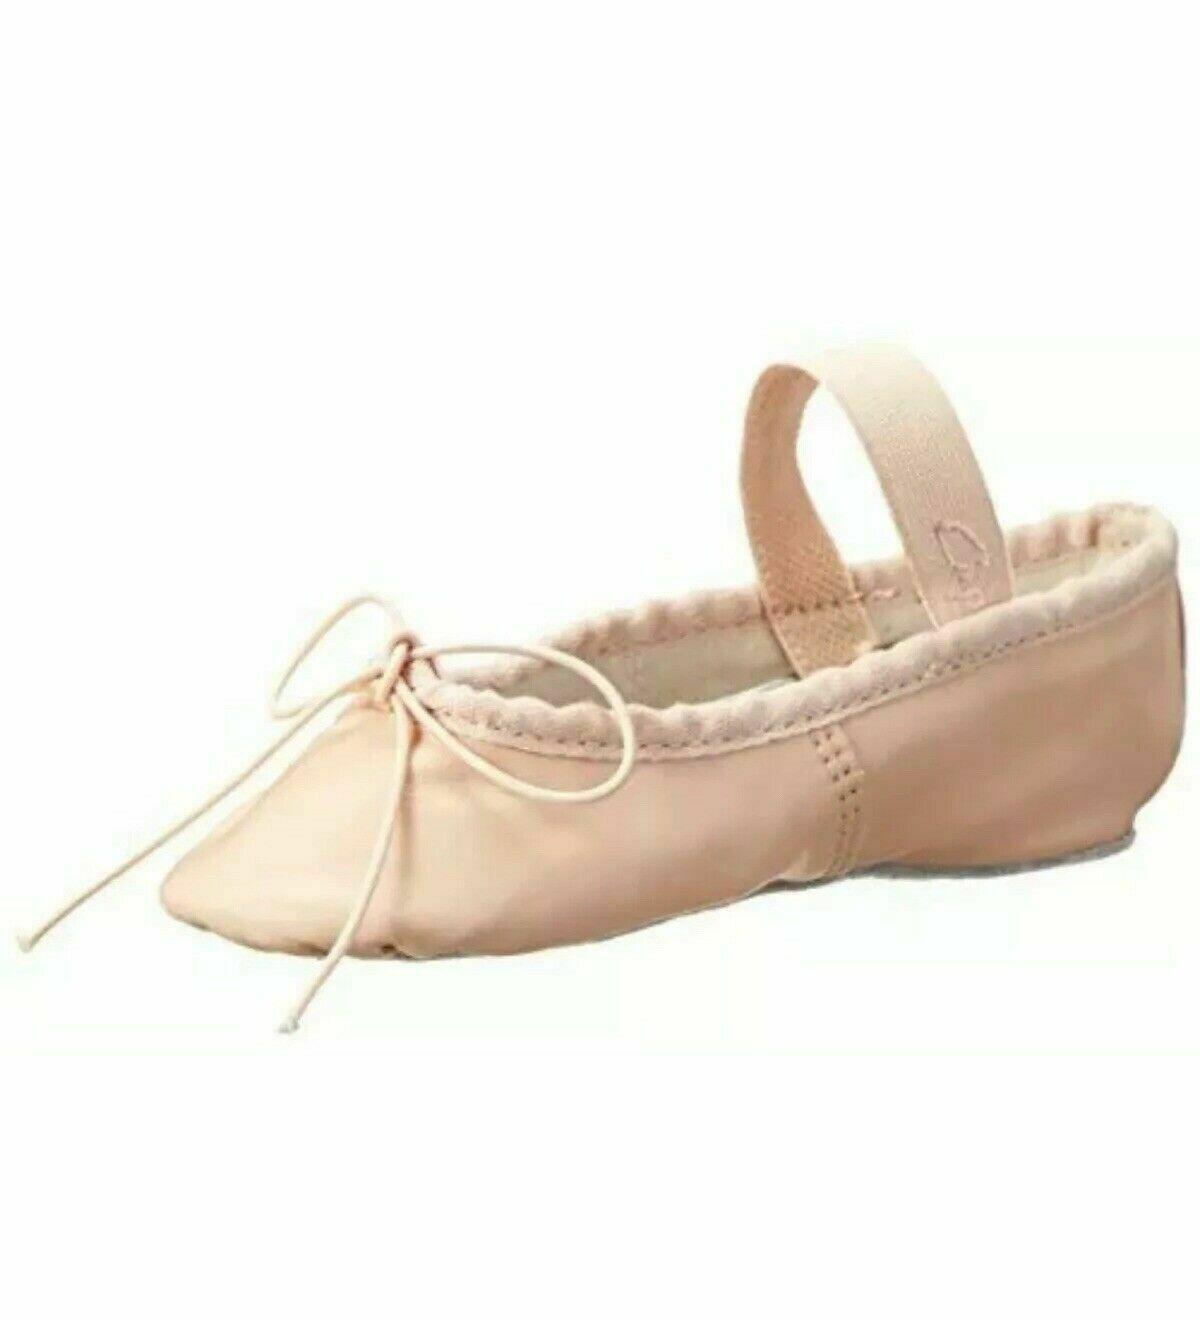 Capezio Adult Teknik 200 NPK Pink Full Sole Ballet Shoe Size 4C 4 C